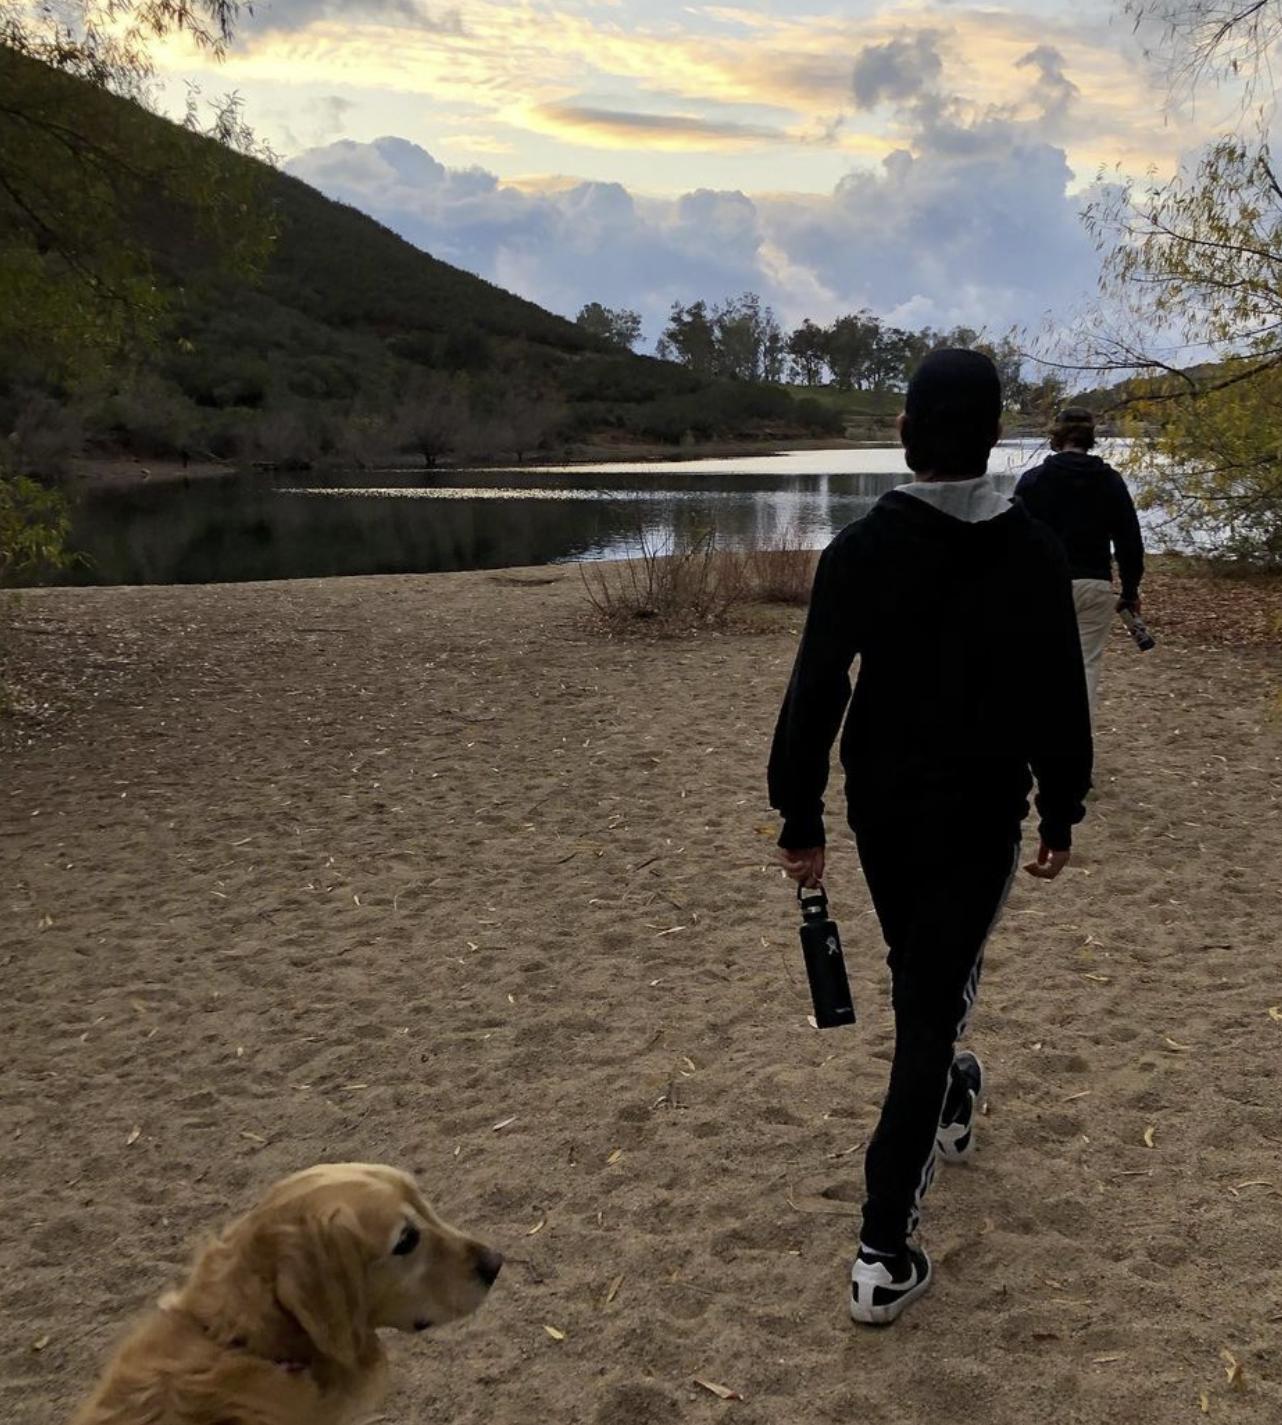 Boys hiking at lake with dog